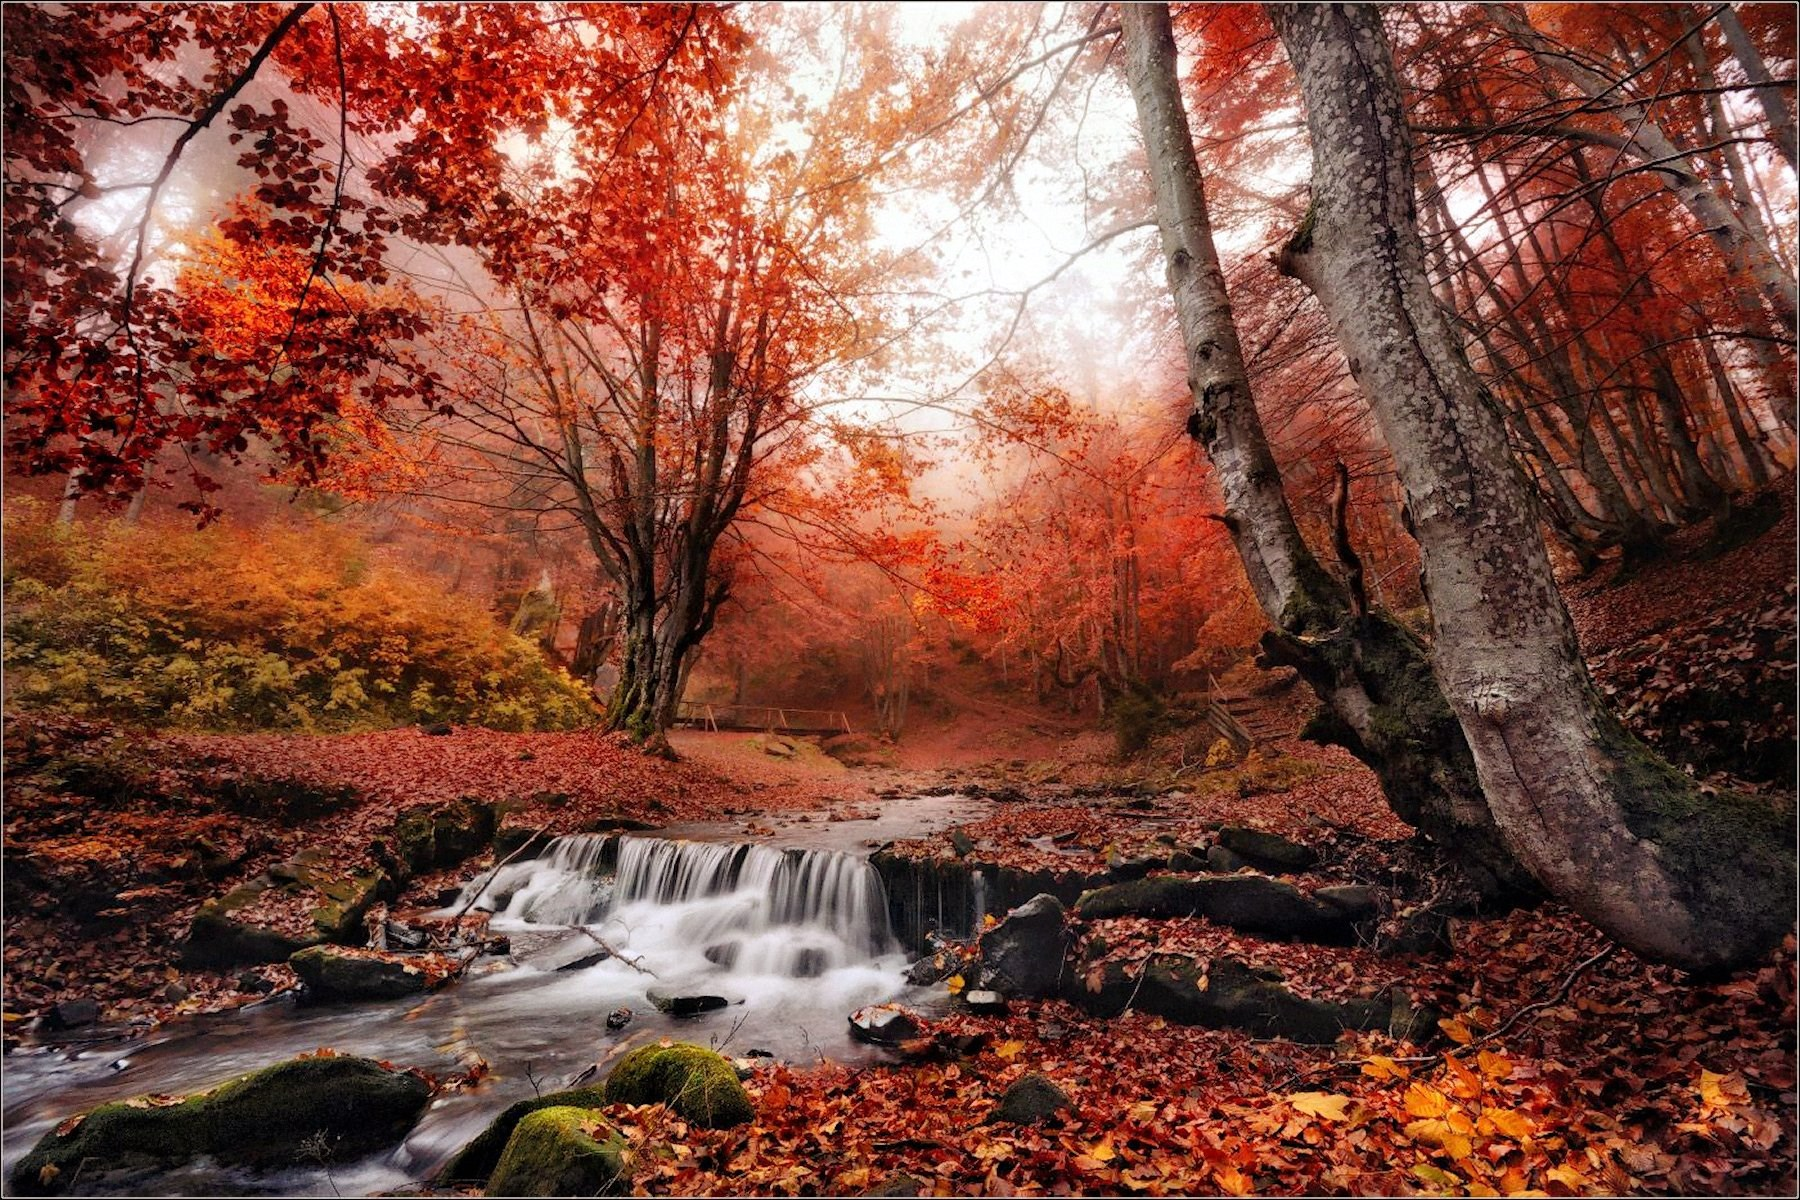 00 Vlad Sokolovsky. A Little Waterfall in Podkarpatskaya Krai. 2015